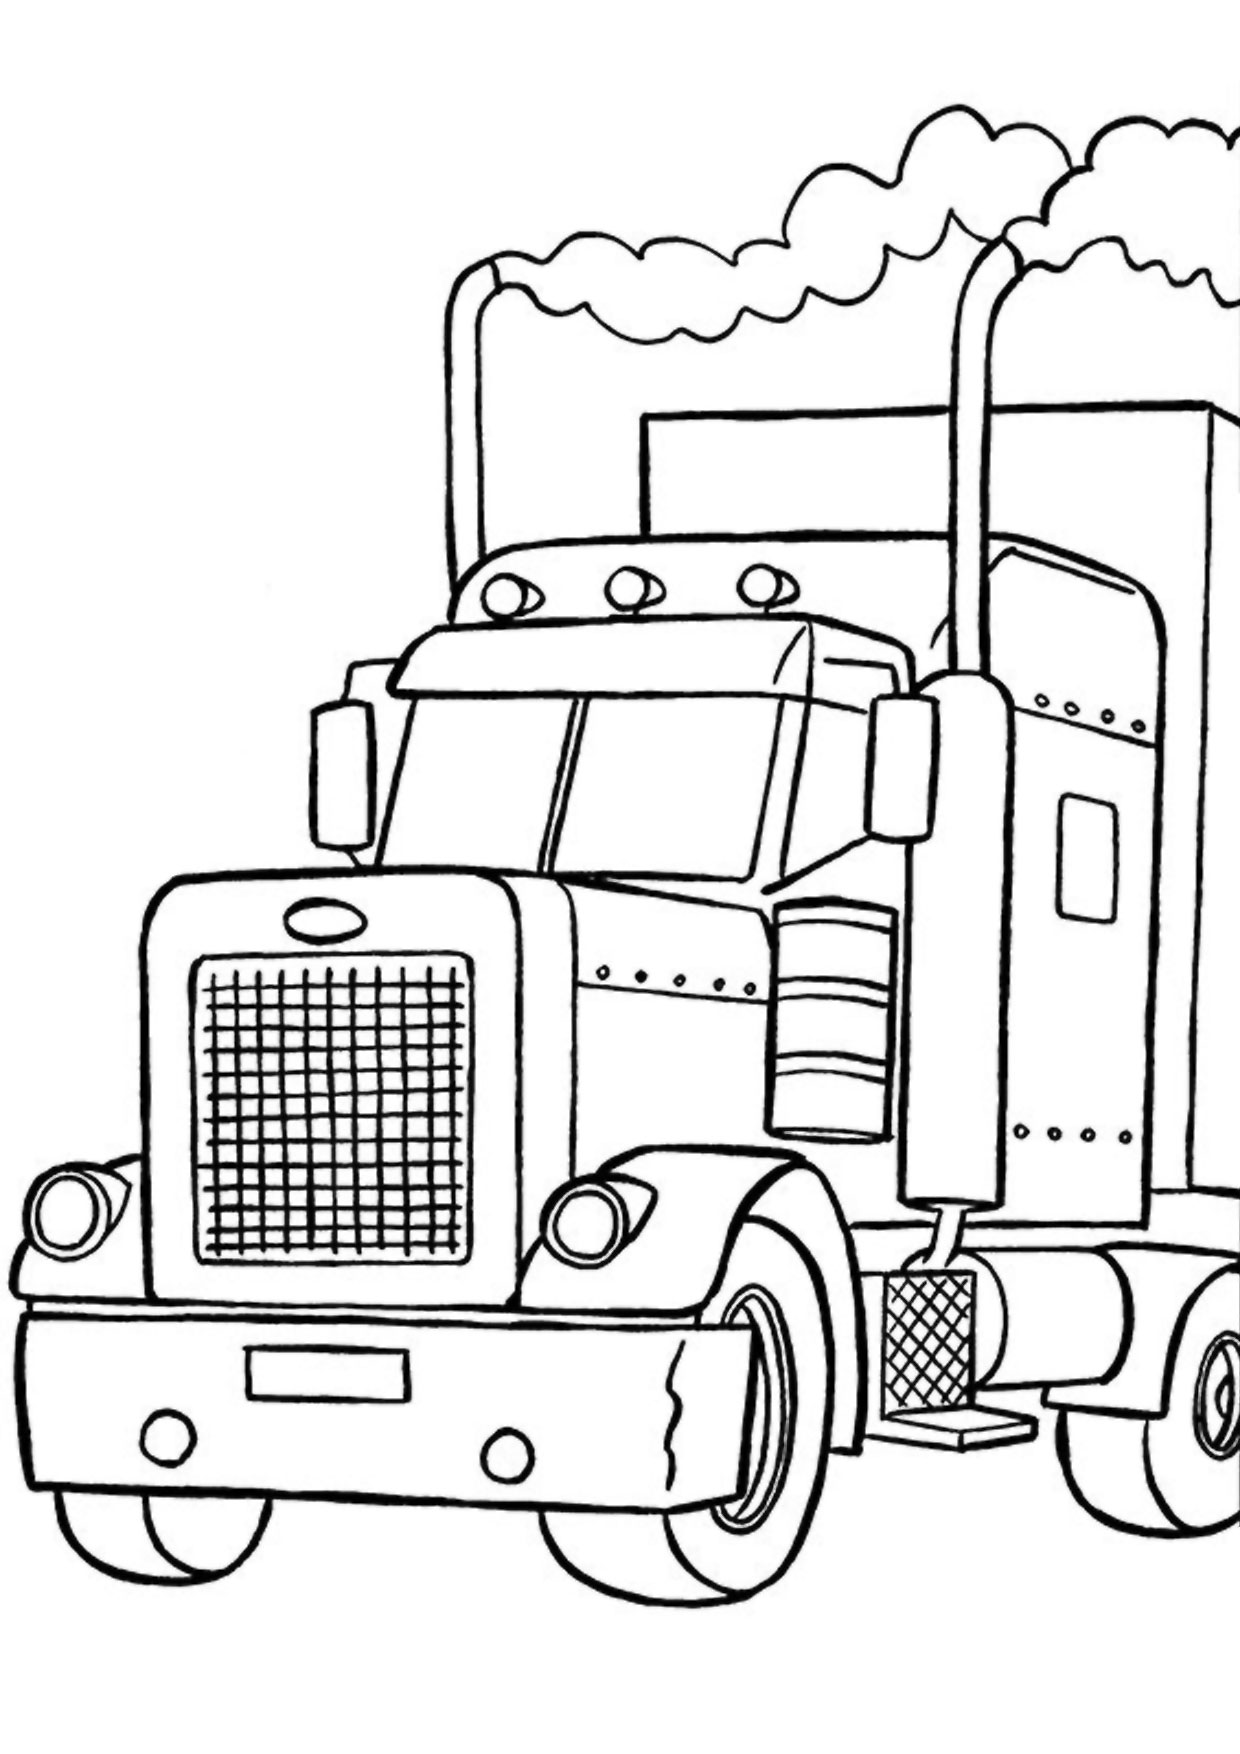 Disegno di camion da colorare 49